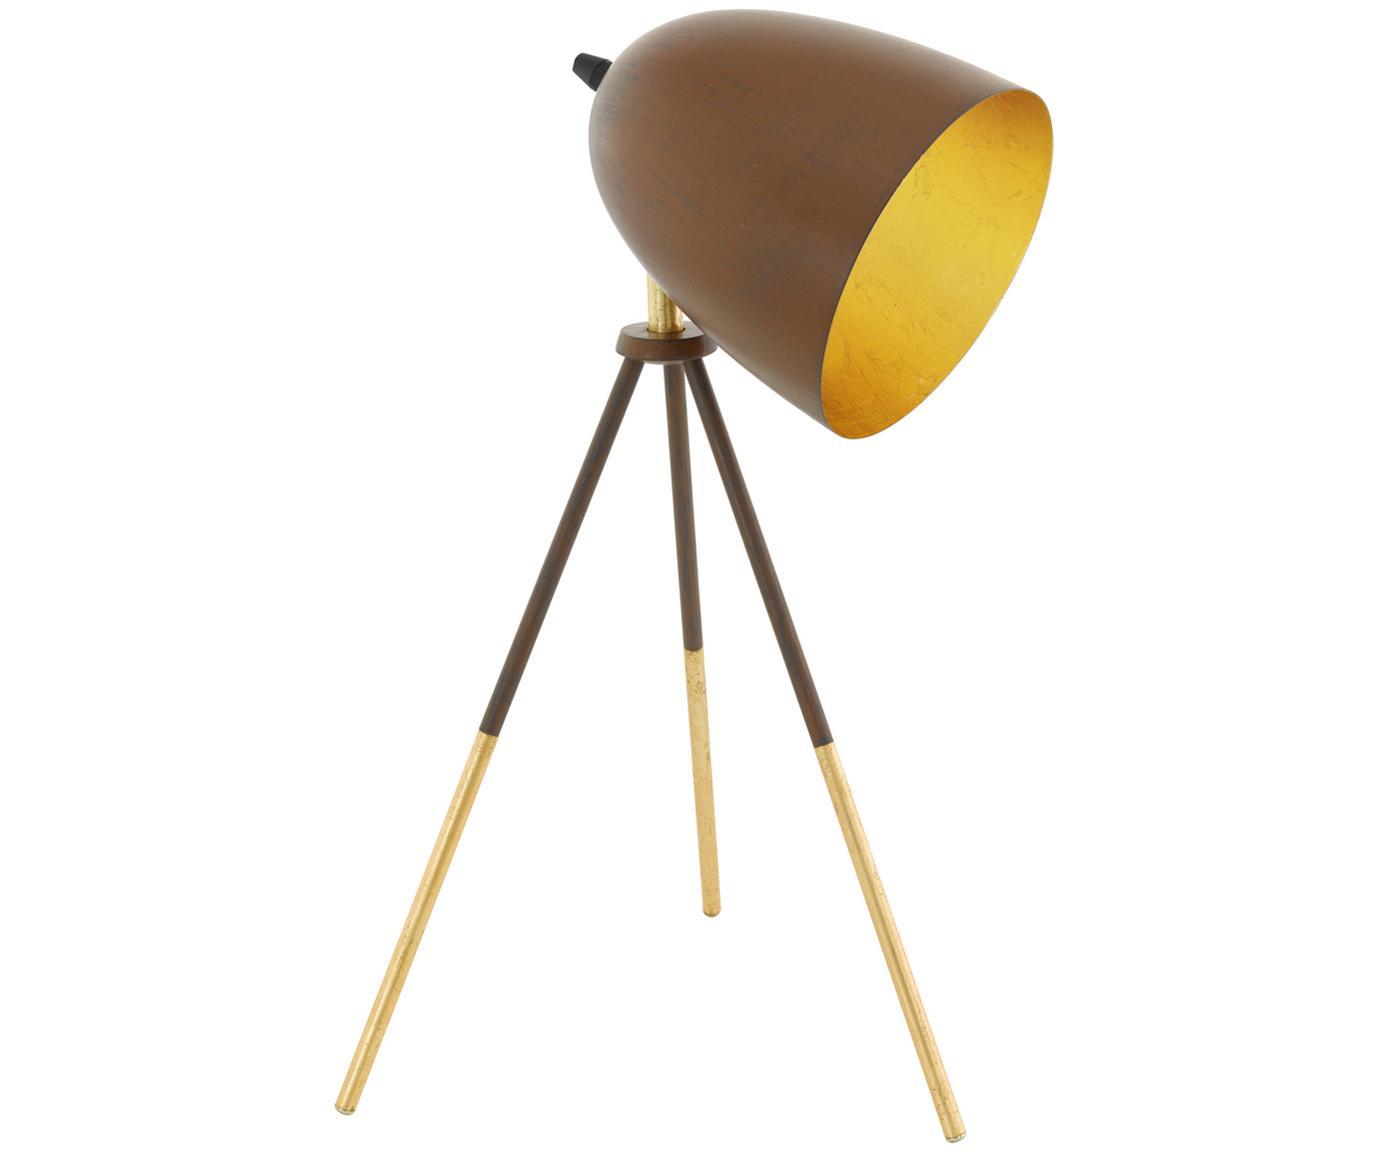 Schreibtischlampe Chester im Retro-Style, Lampenschirm: Stahl, lackiert, Braun, Goldfarben, Ø 29 x H 44 cm